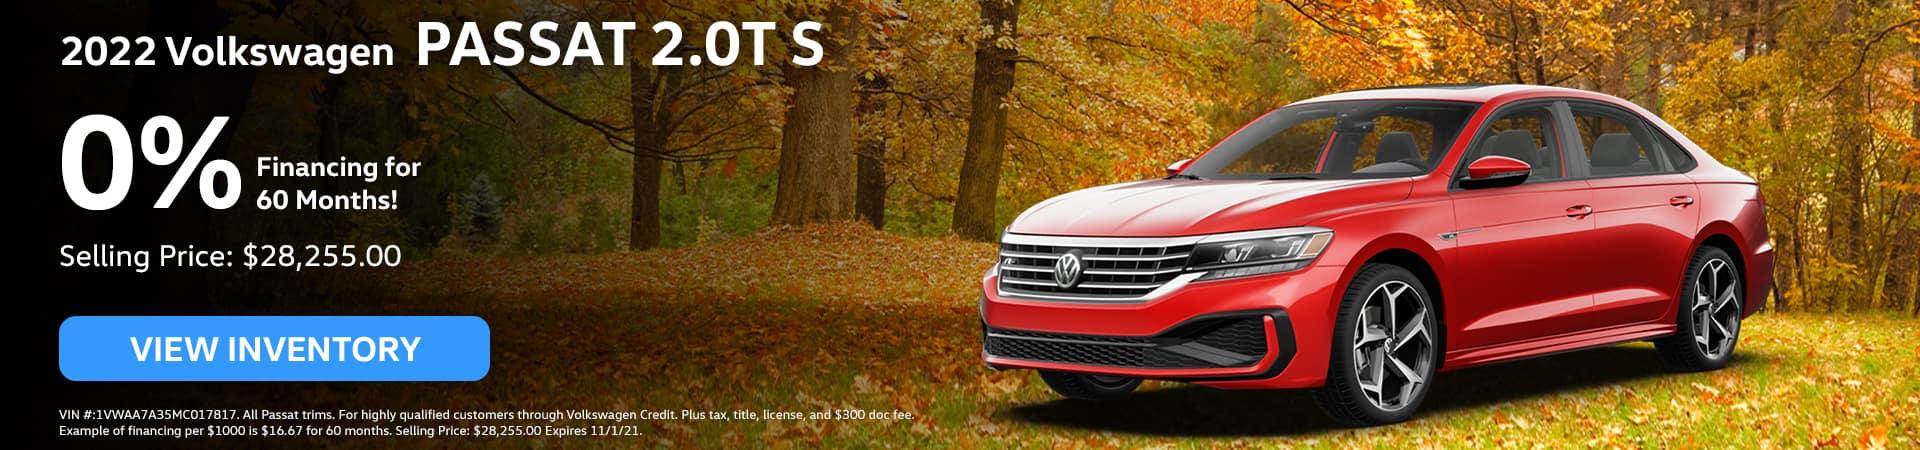 2021 Volkswagen PASSAT 2.0T S, 0% Financing for 60 Months!